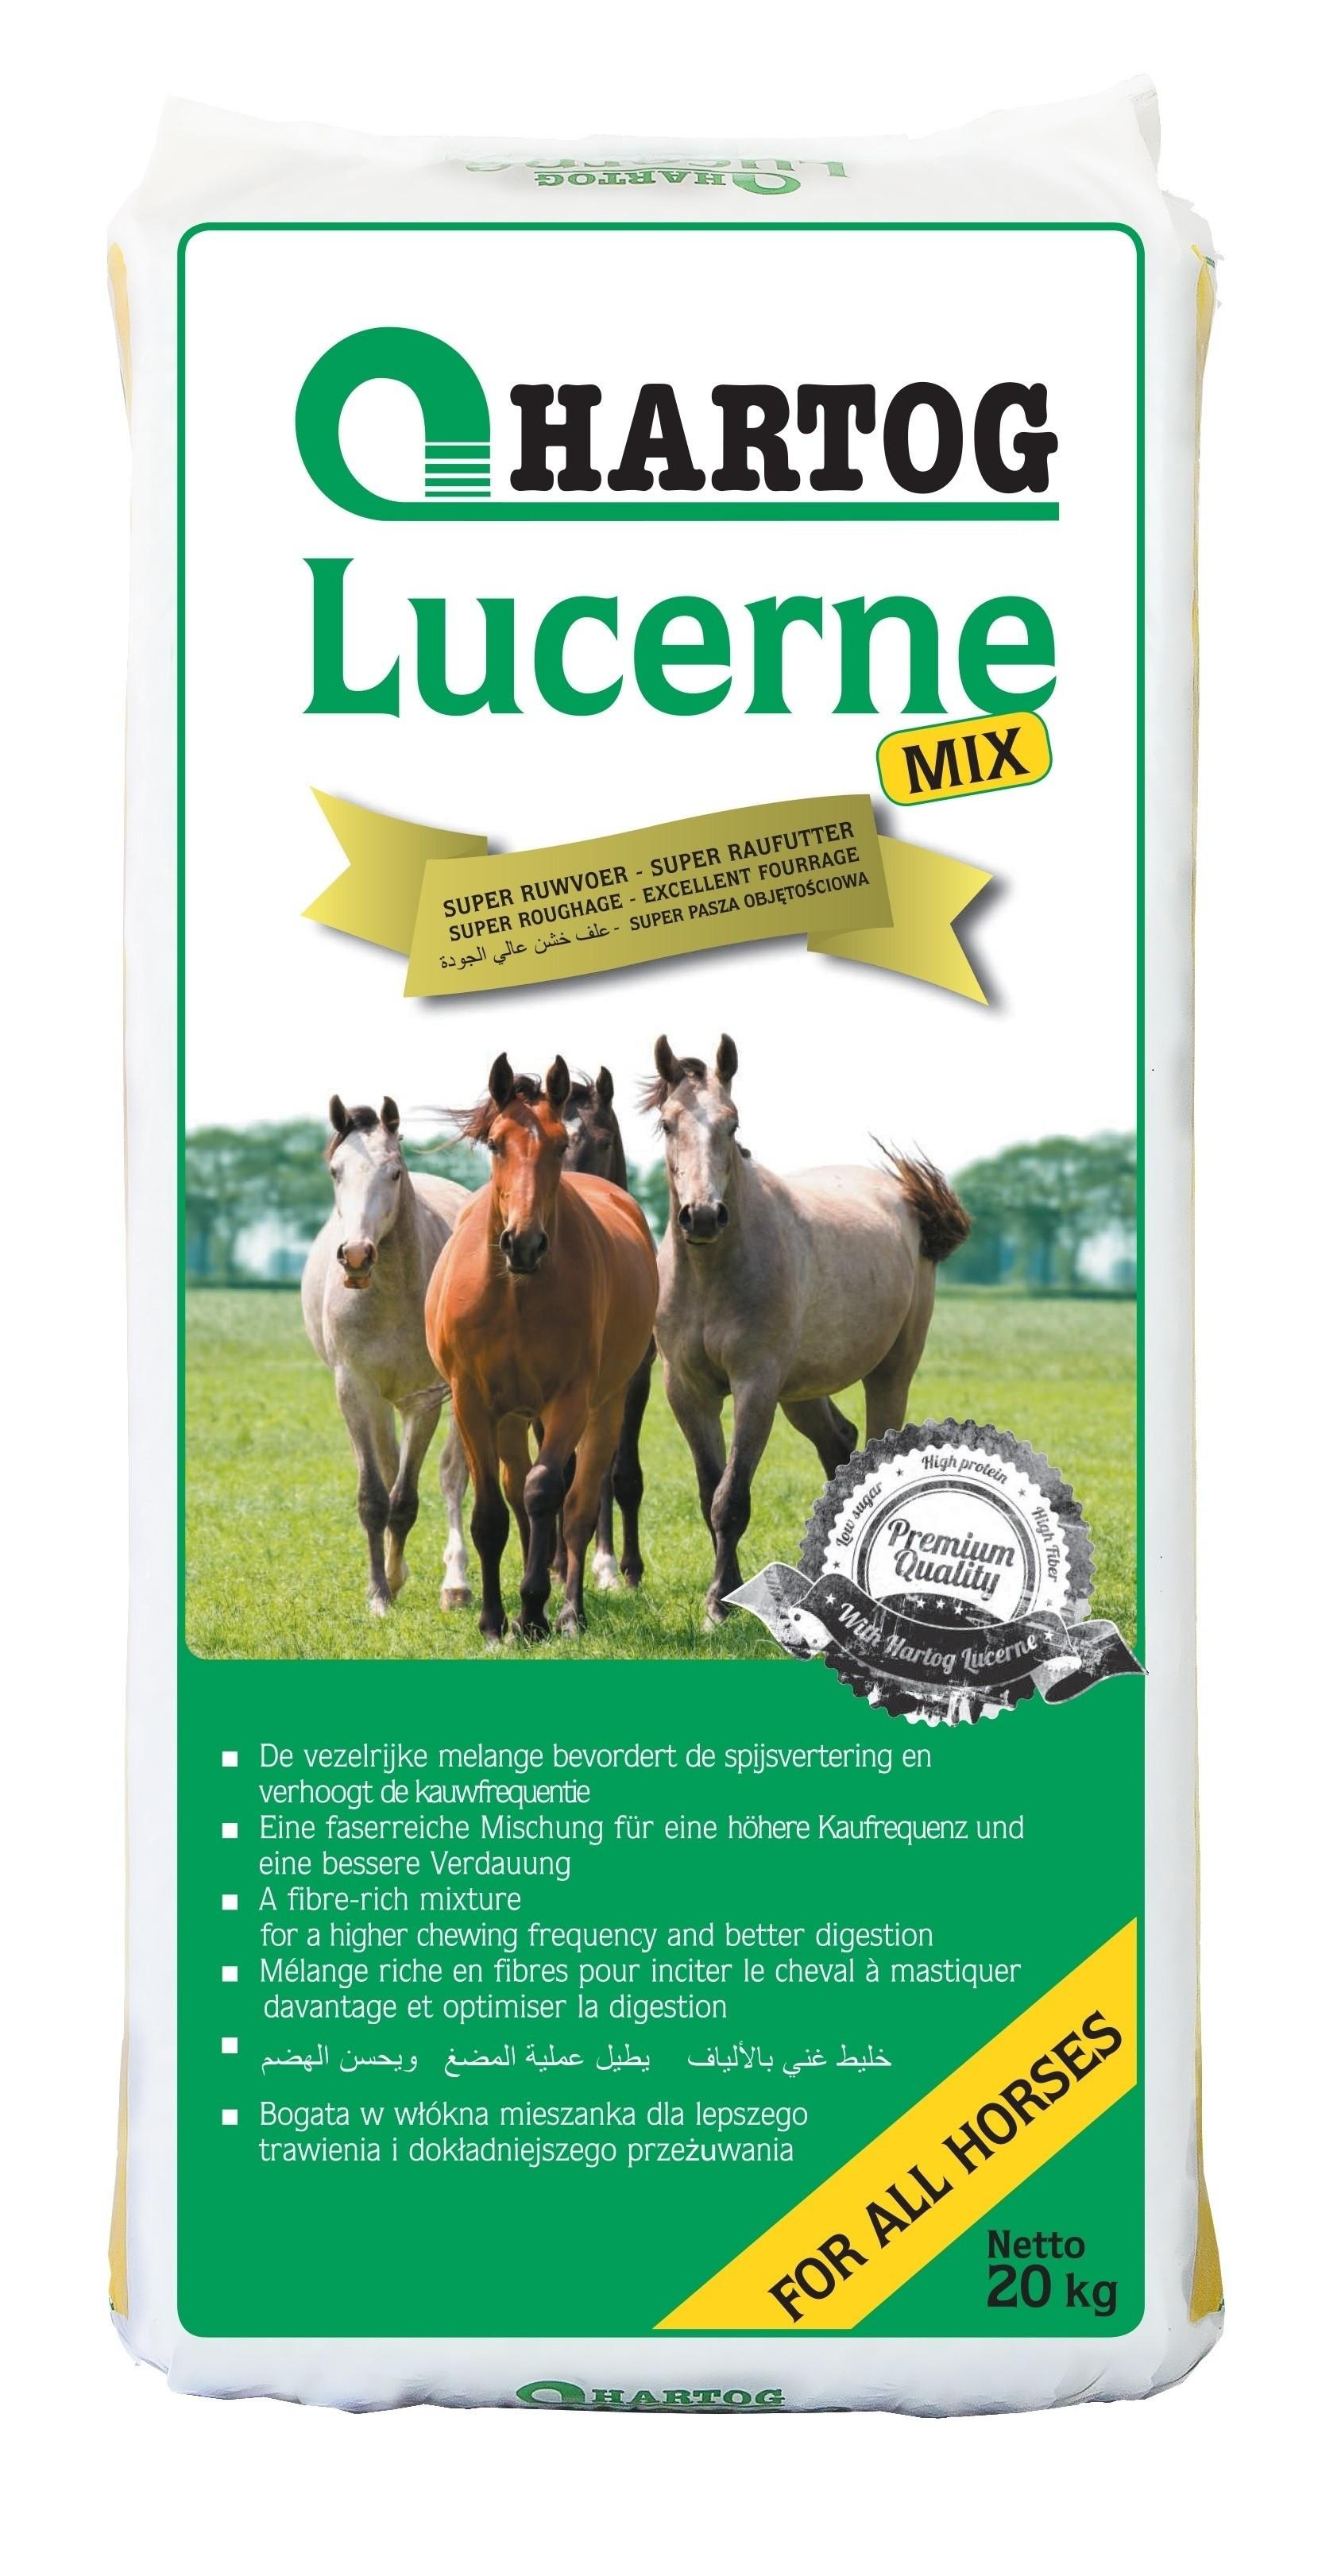 Lucerne-mix Hartog 20kg